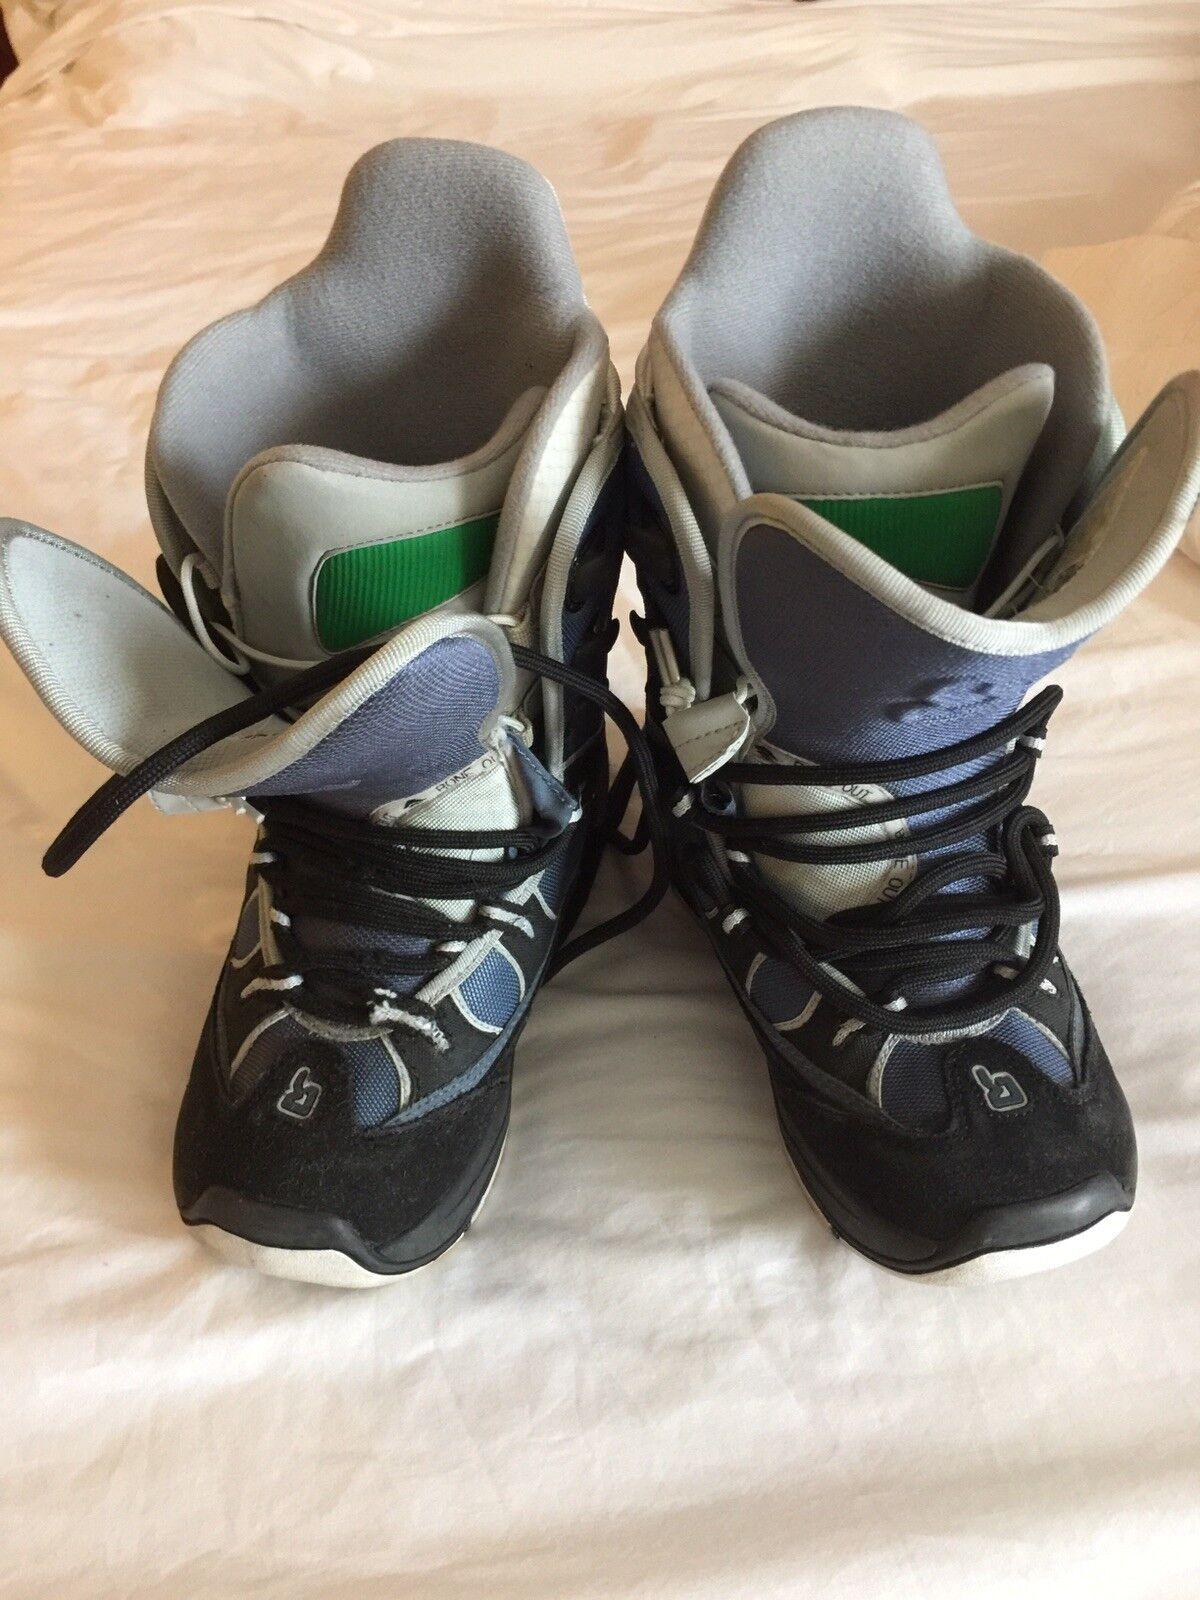 Burton Freestyle 77 FS Snowboard Boots Women's Ladies Girls Size 5